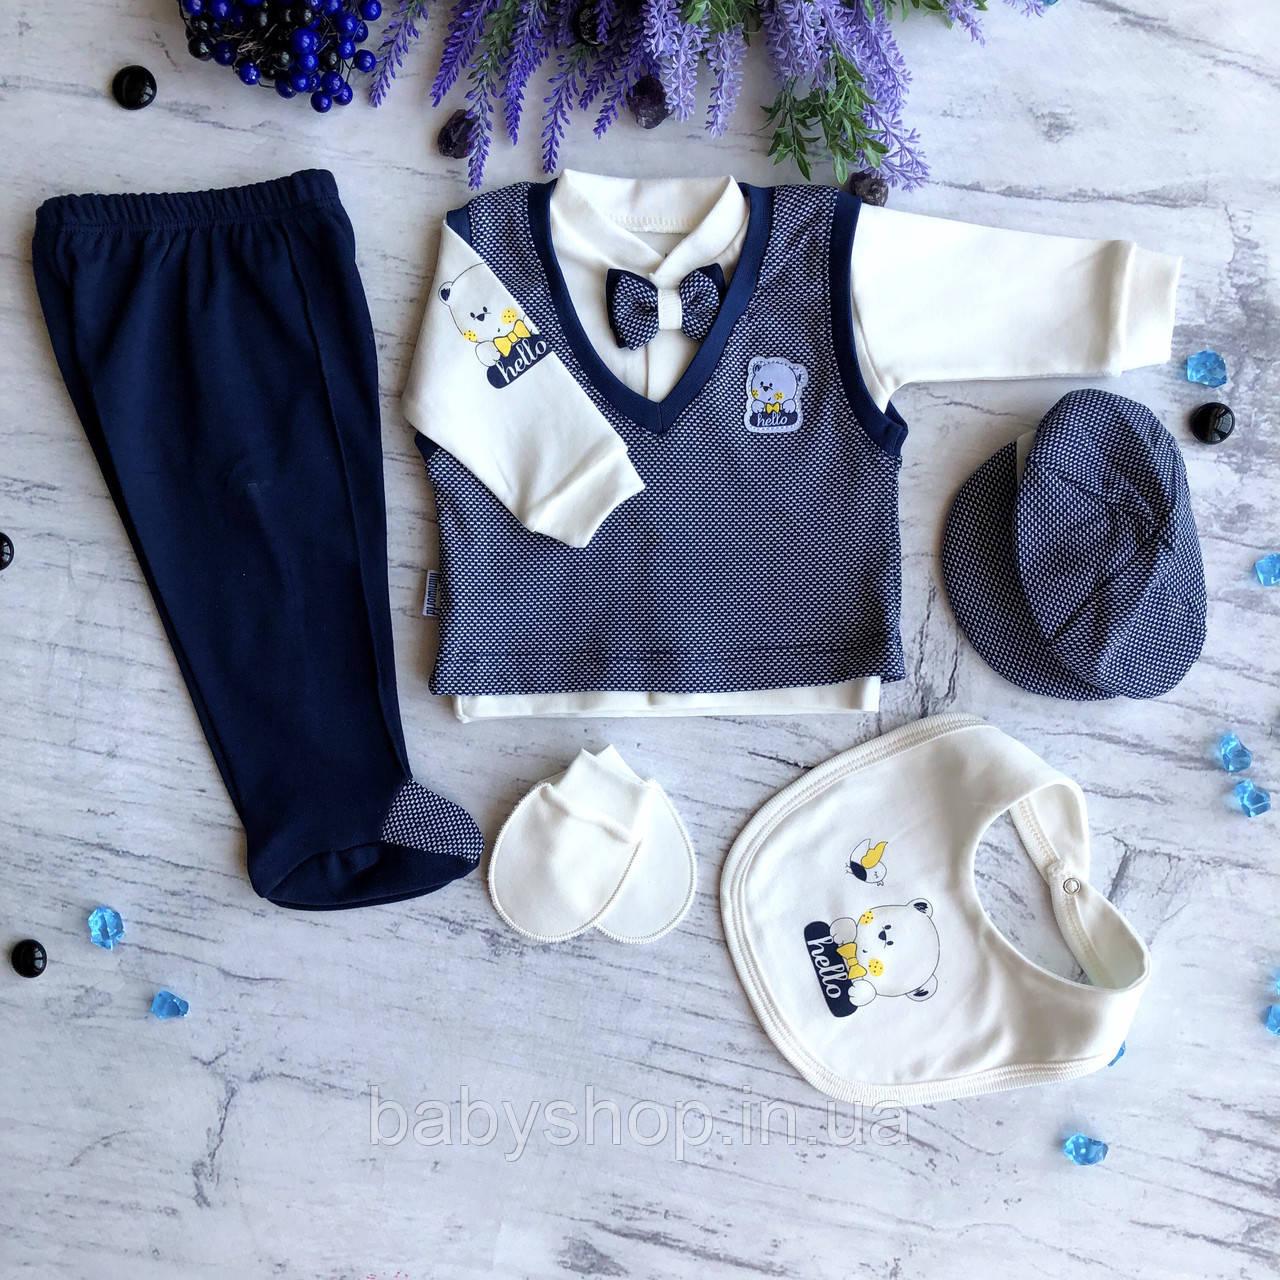 Крестильный костюм, набор на выписку для мальчика Miniworld 6. Размер 62 см, фото 1